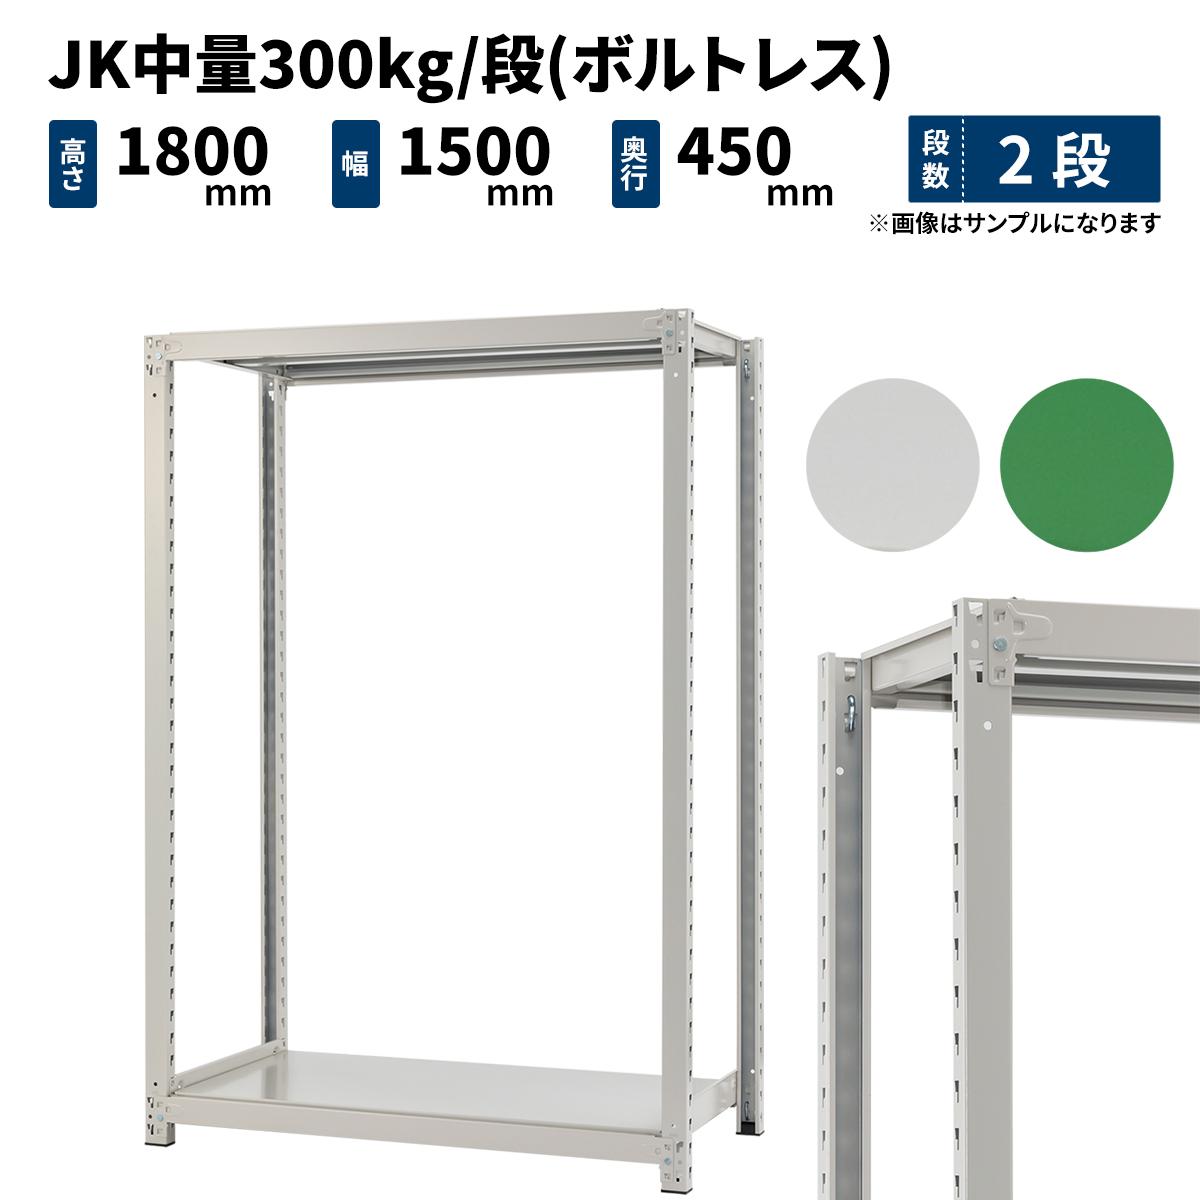 スチールラック 業務用 JK中量300kg/段(ボルトレス) 単体形式 高さ1800×幅1500×奥行450mm 2段 ホワイトグレー/グリーン (43kg) JK300_T-181545-2